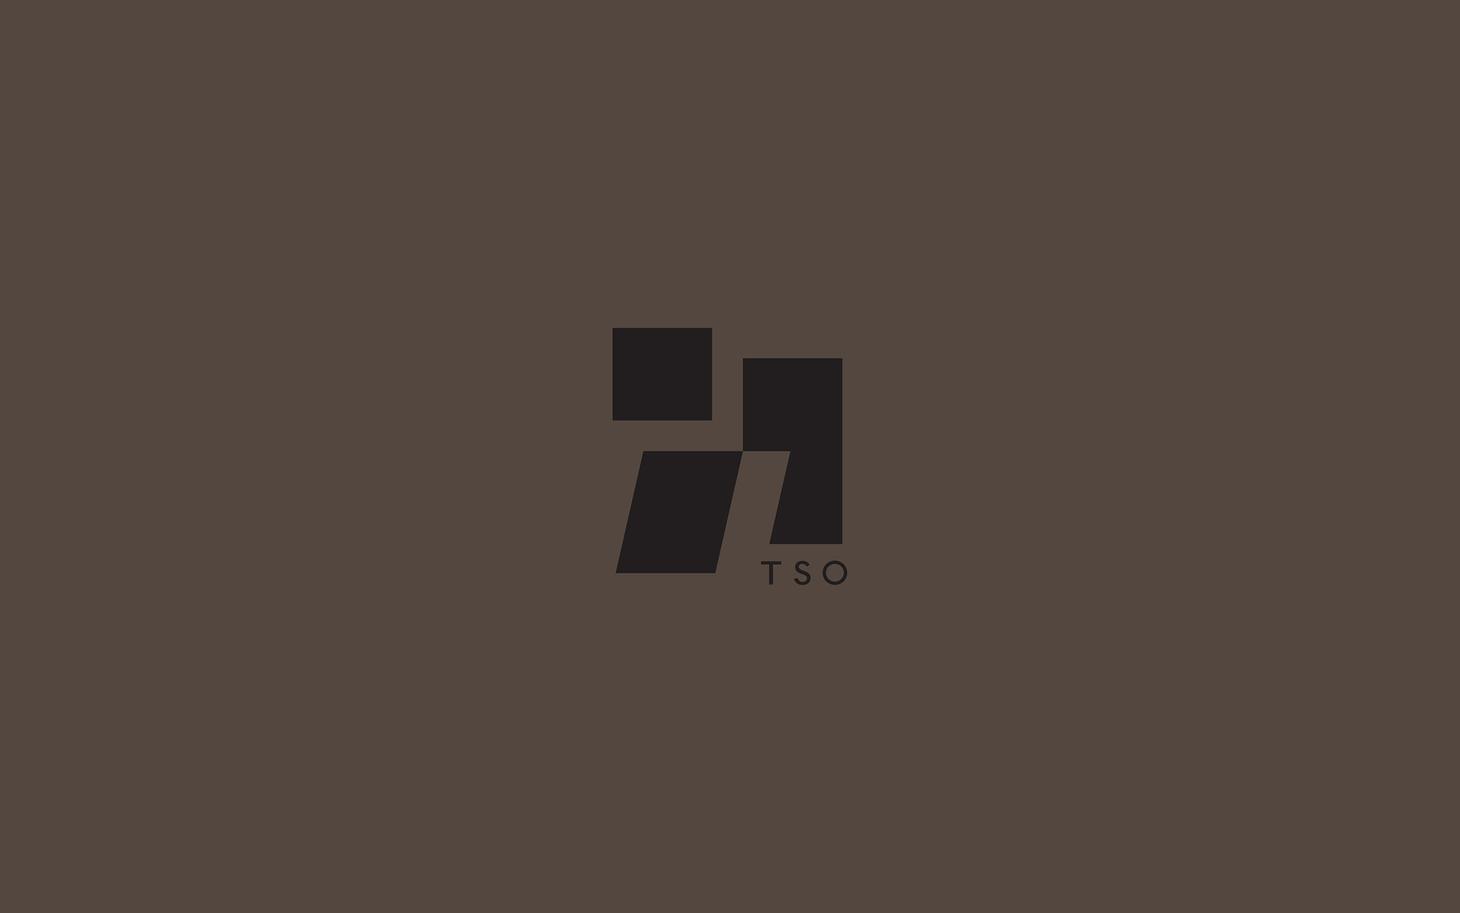 TSO_Logo1.jpg